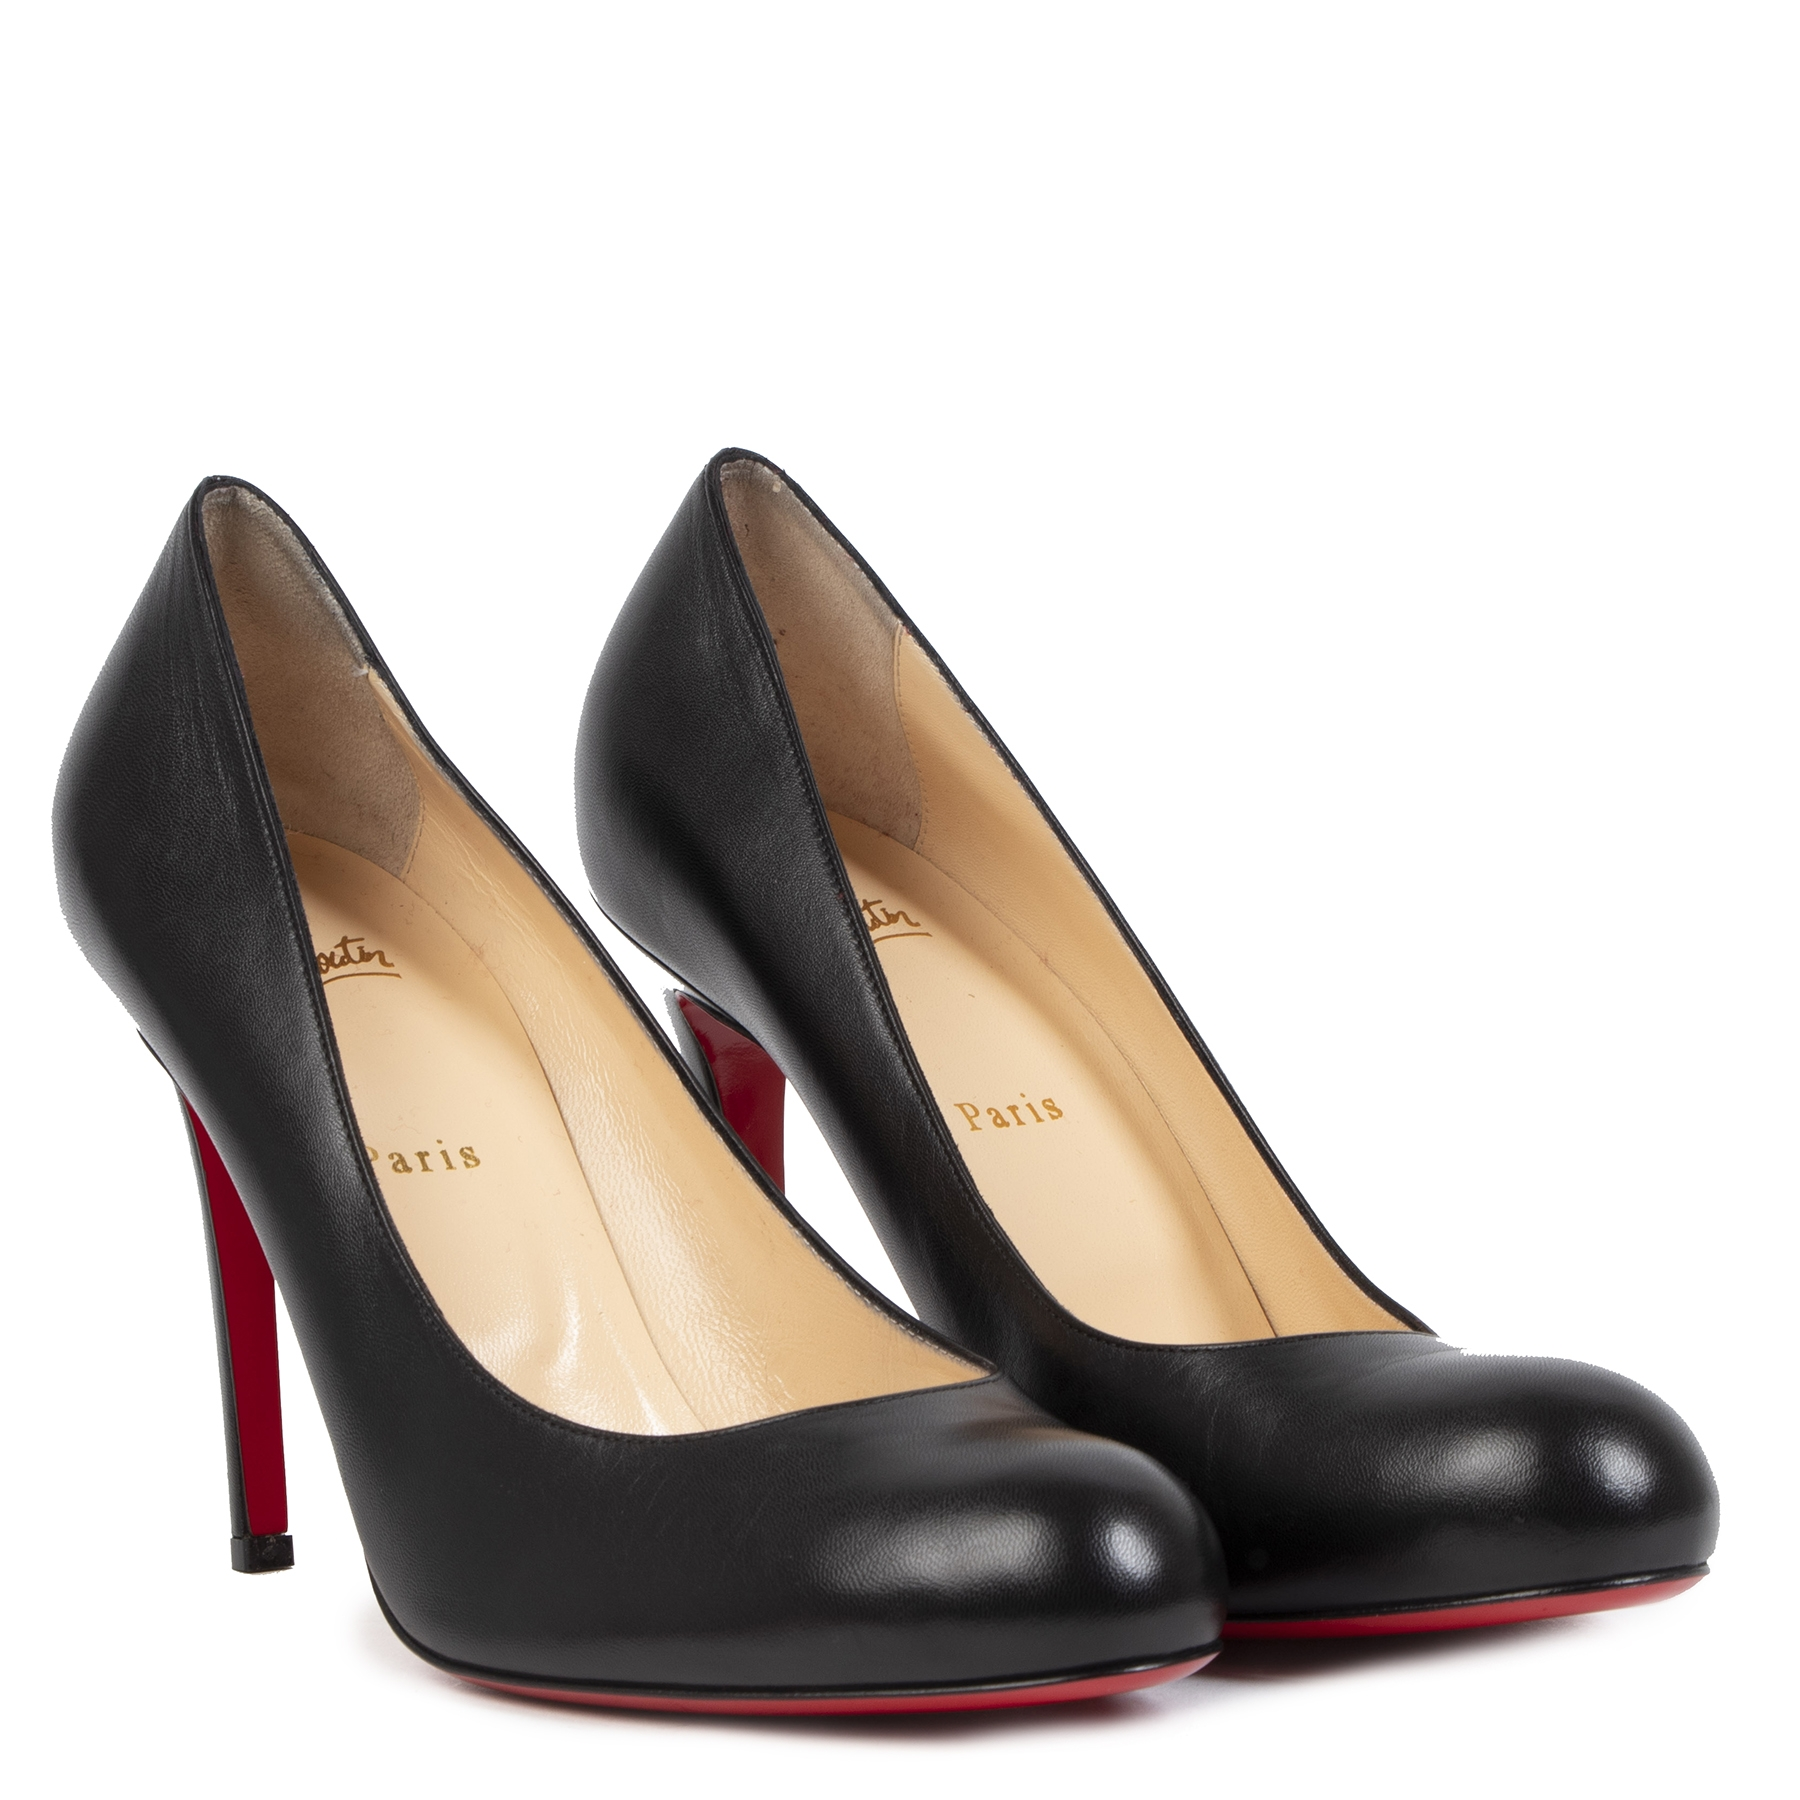 Authentieke Tweedehands Louboutin Black Decollete 868 Leather Pumps - Size 42 juiste prijs veilig online shoppen luxe merken webshop winkelen Antwerpen België mode fashion